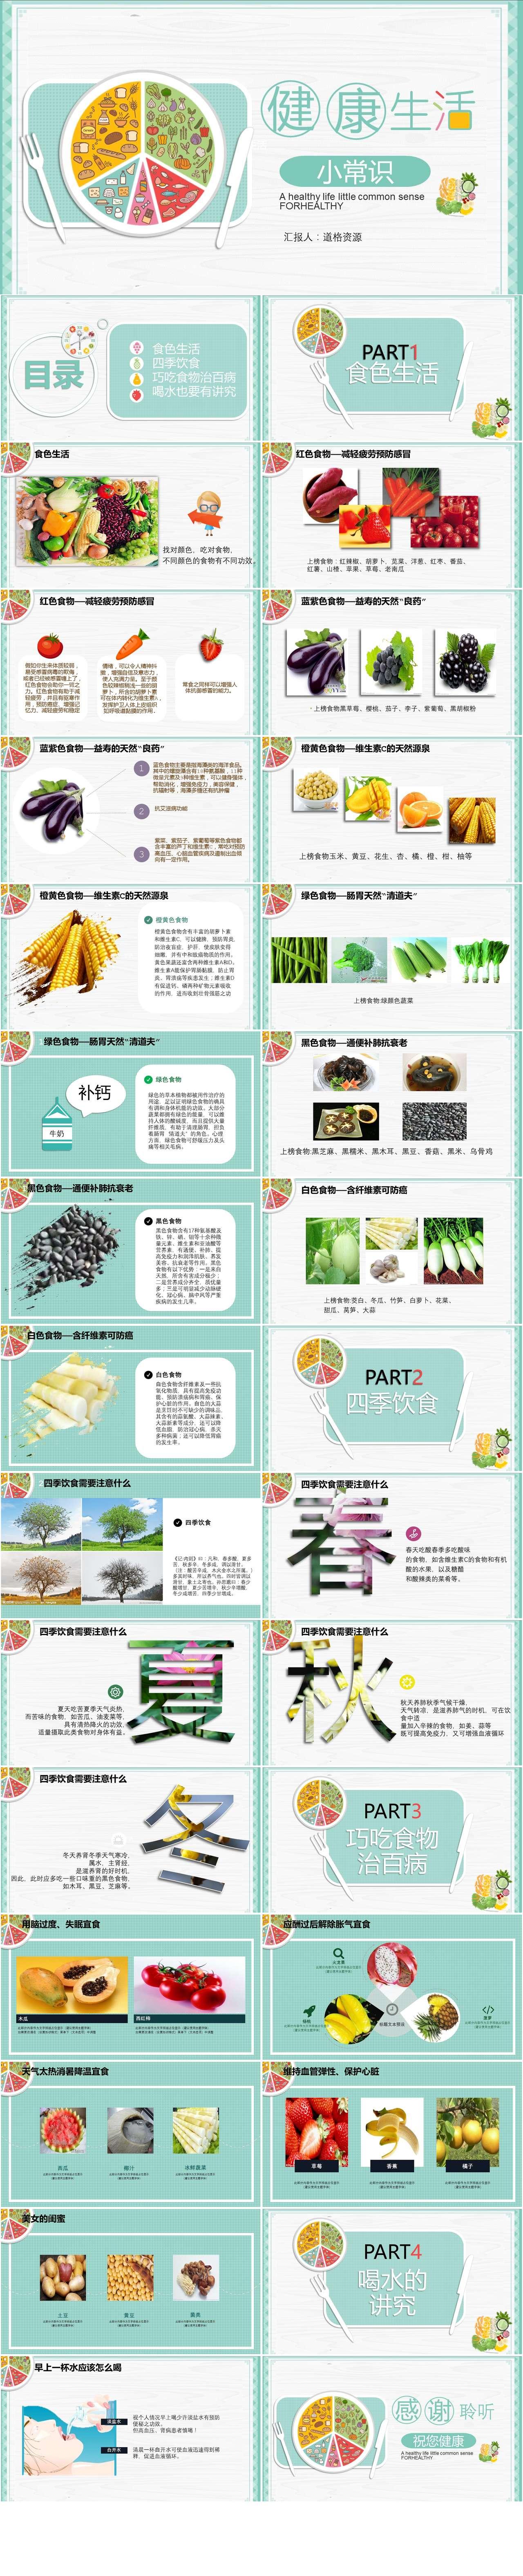 浅绿色小清新美食健康生活小常识PPT模板插图1